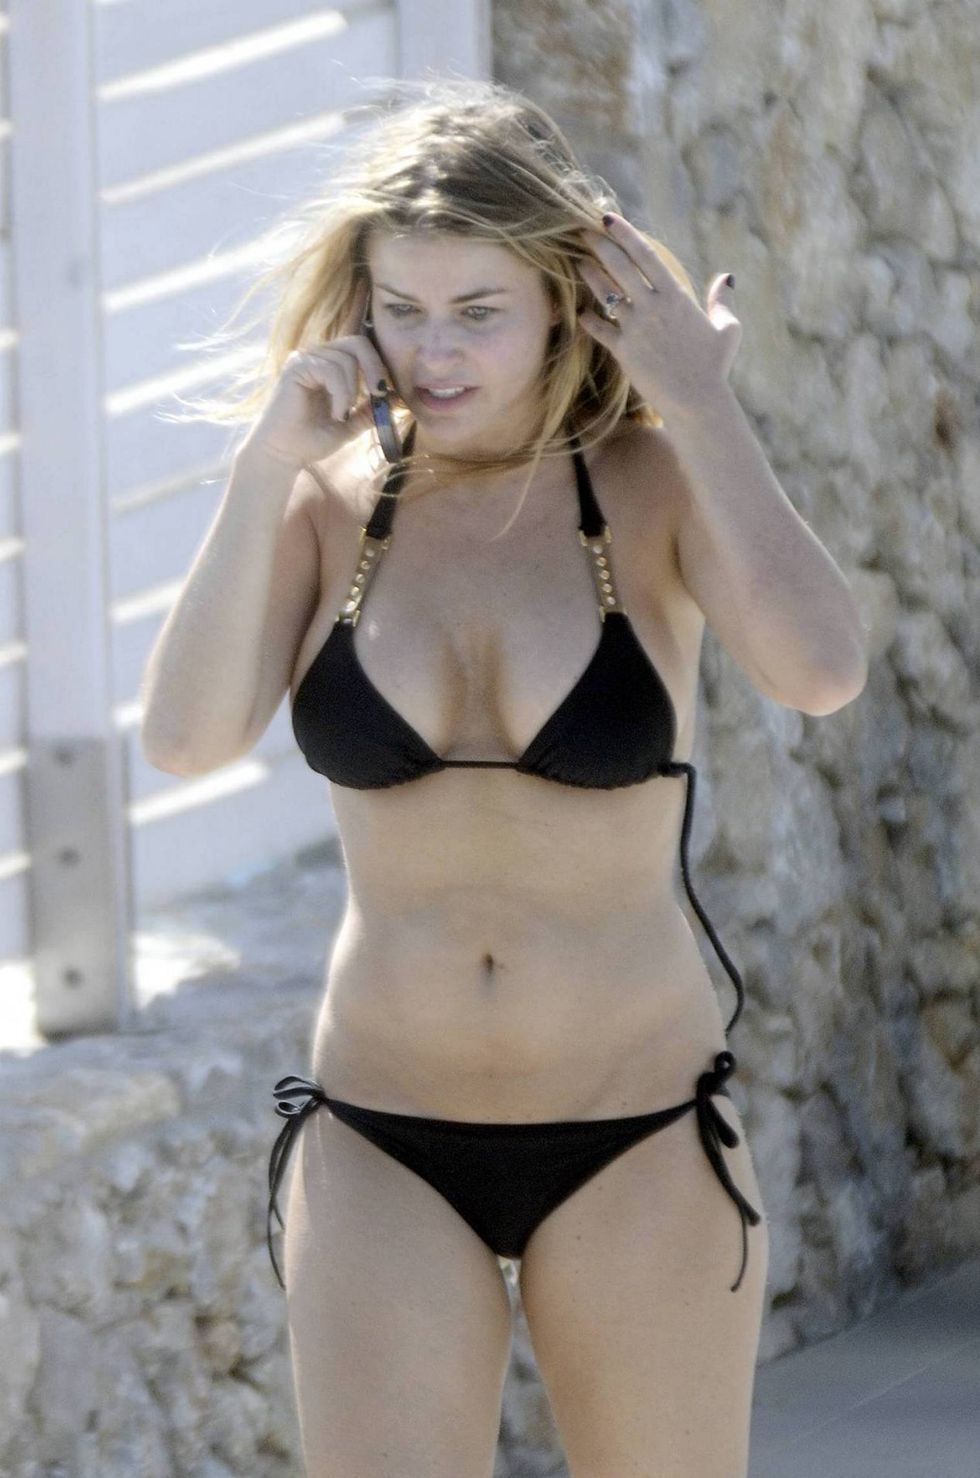 carmen-electra-bikini-candids-on-kos-island-in-greece-01